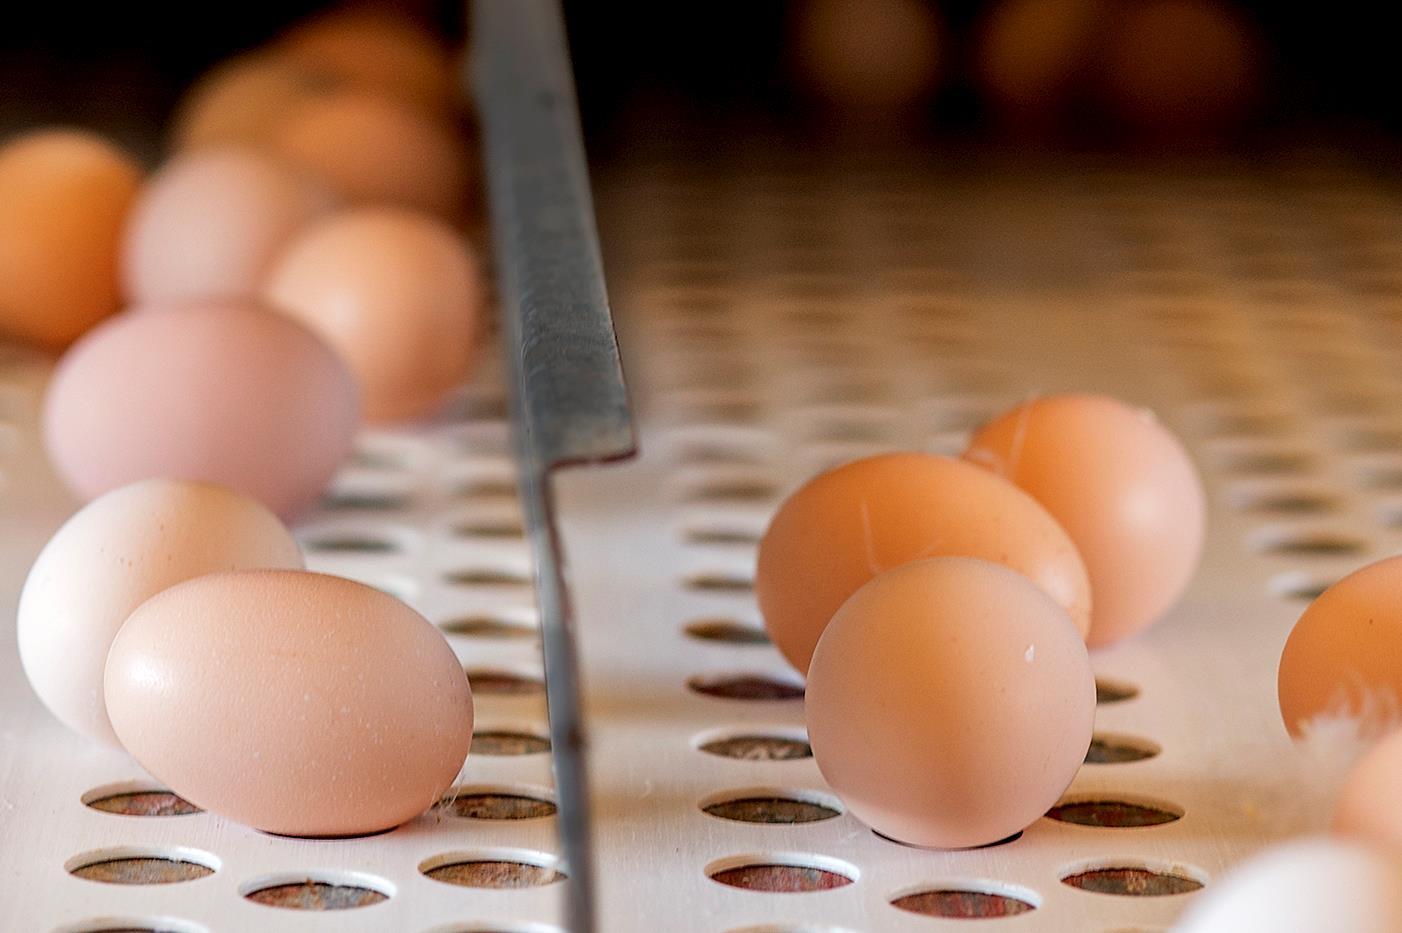 Preço dos ovos brancos sobem enquanto vermelhos registram desvalorização